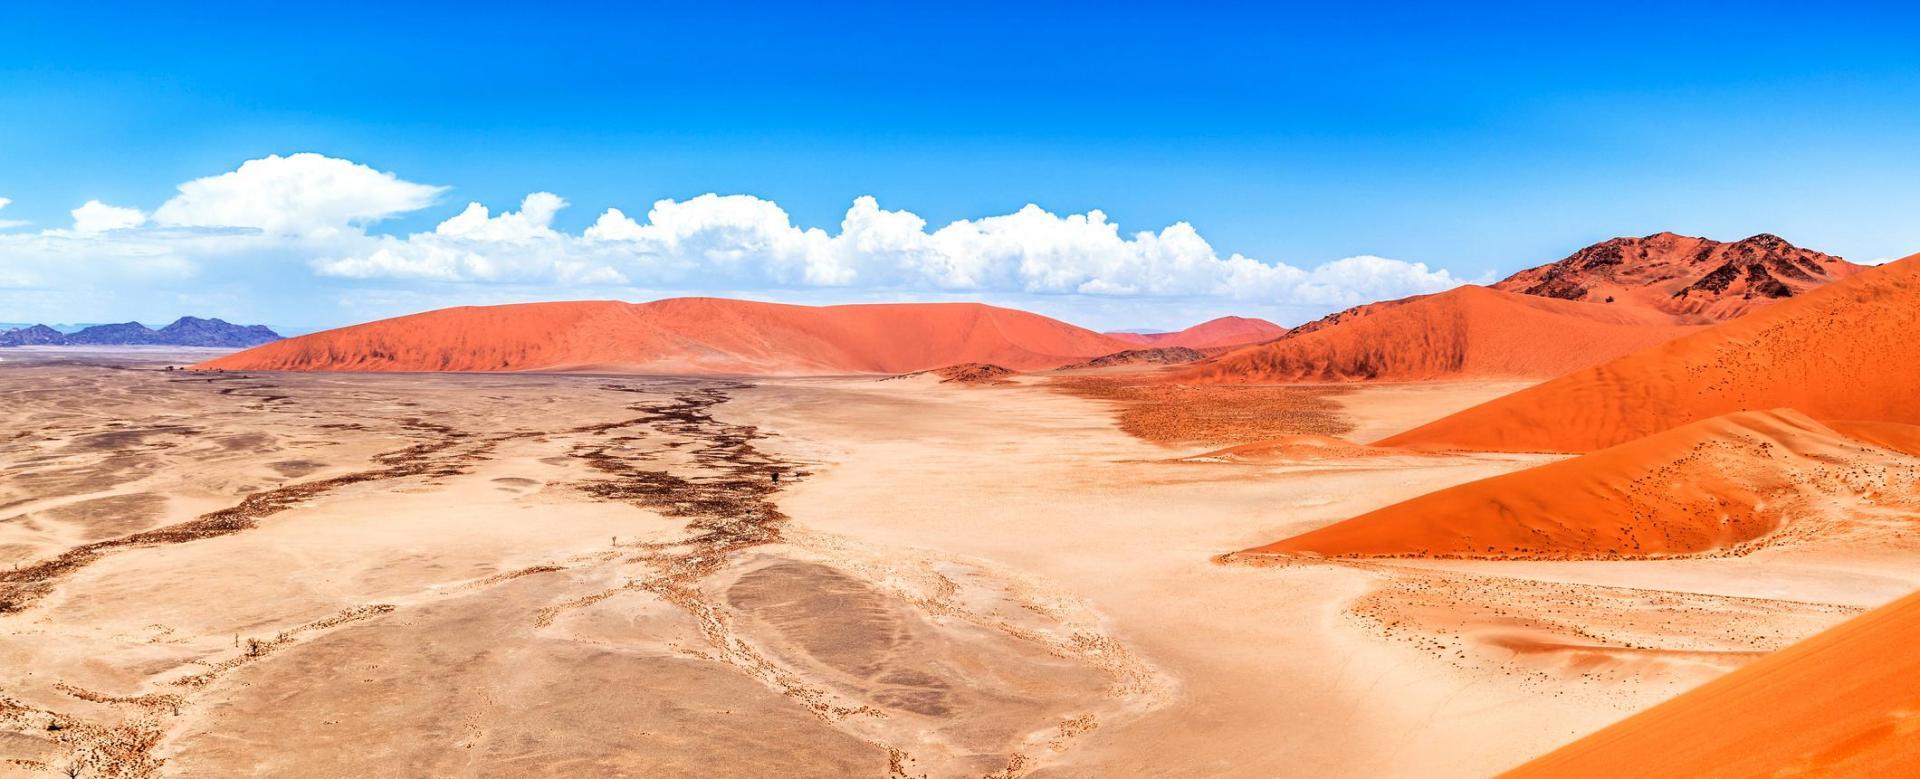 Voyage en véhicule : Le tour de namibie en 13 jours